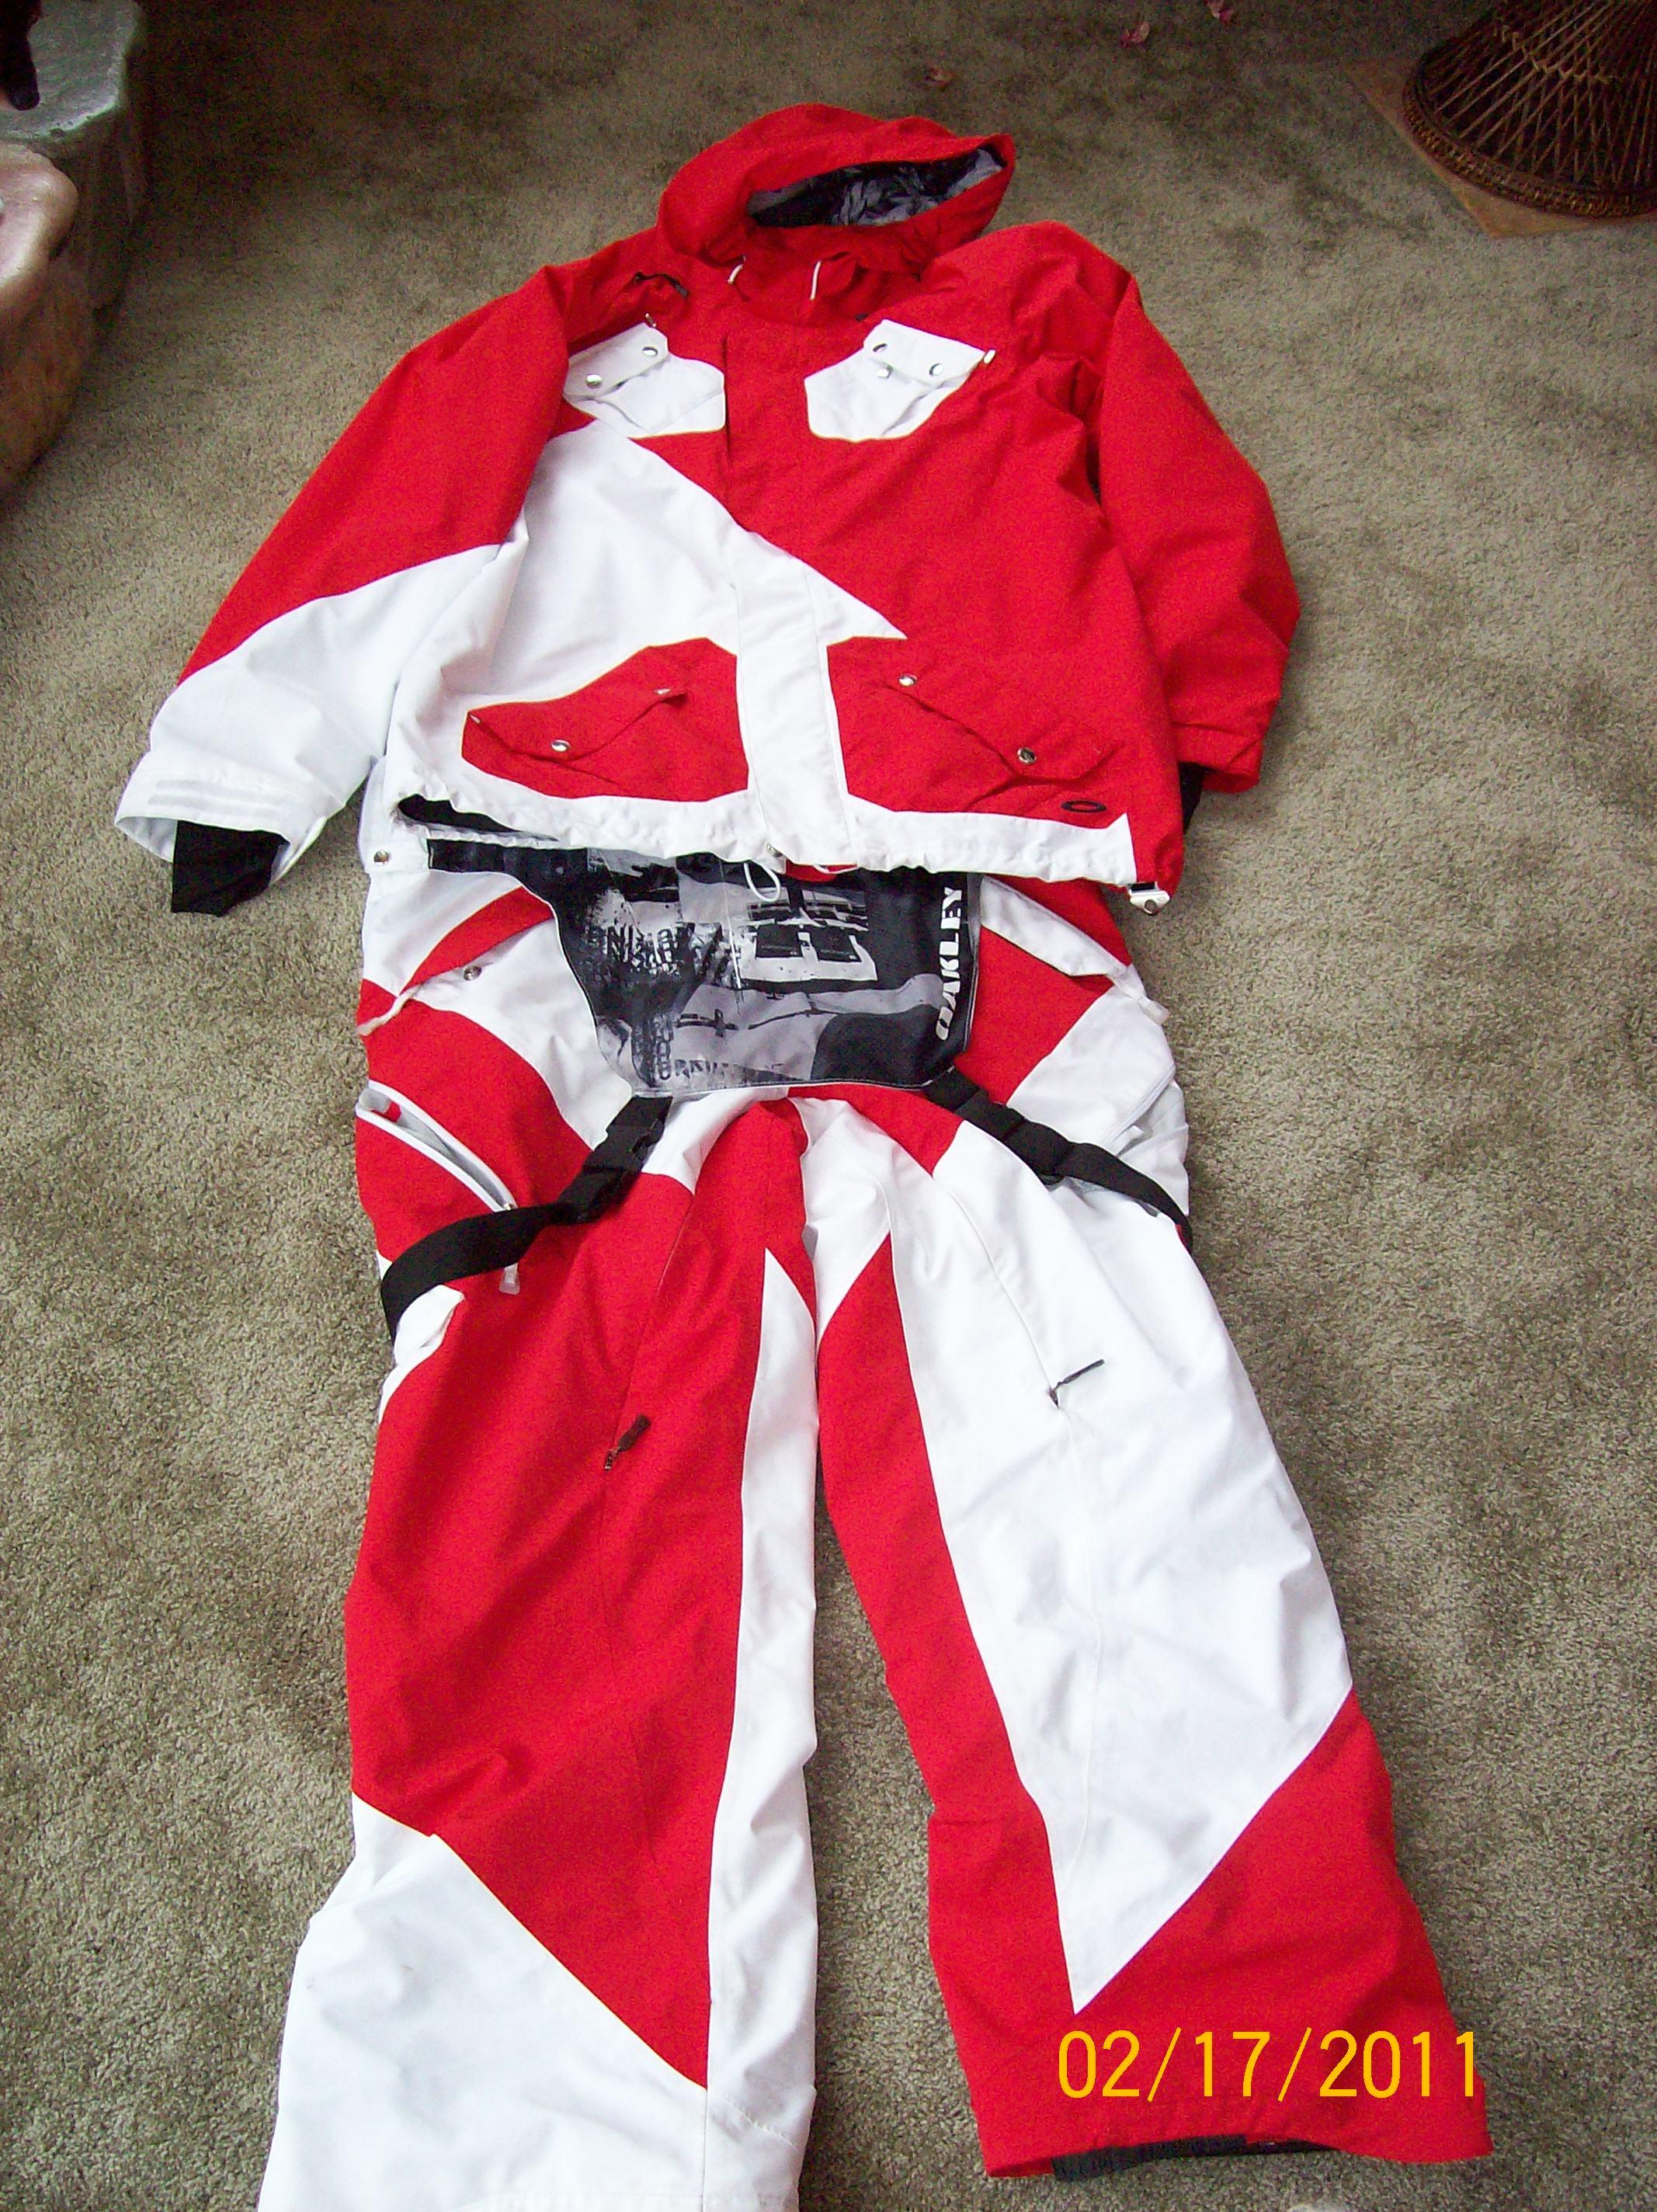 Airraid suit